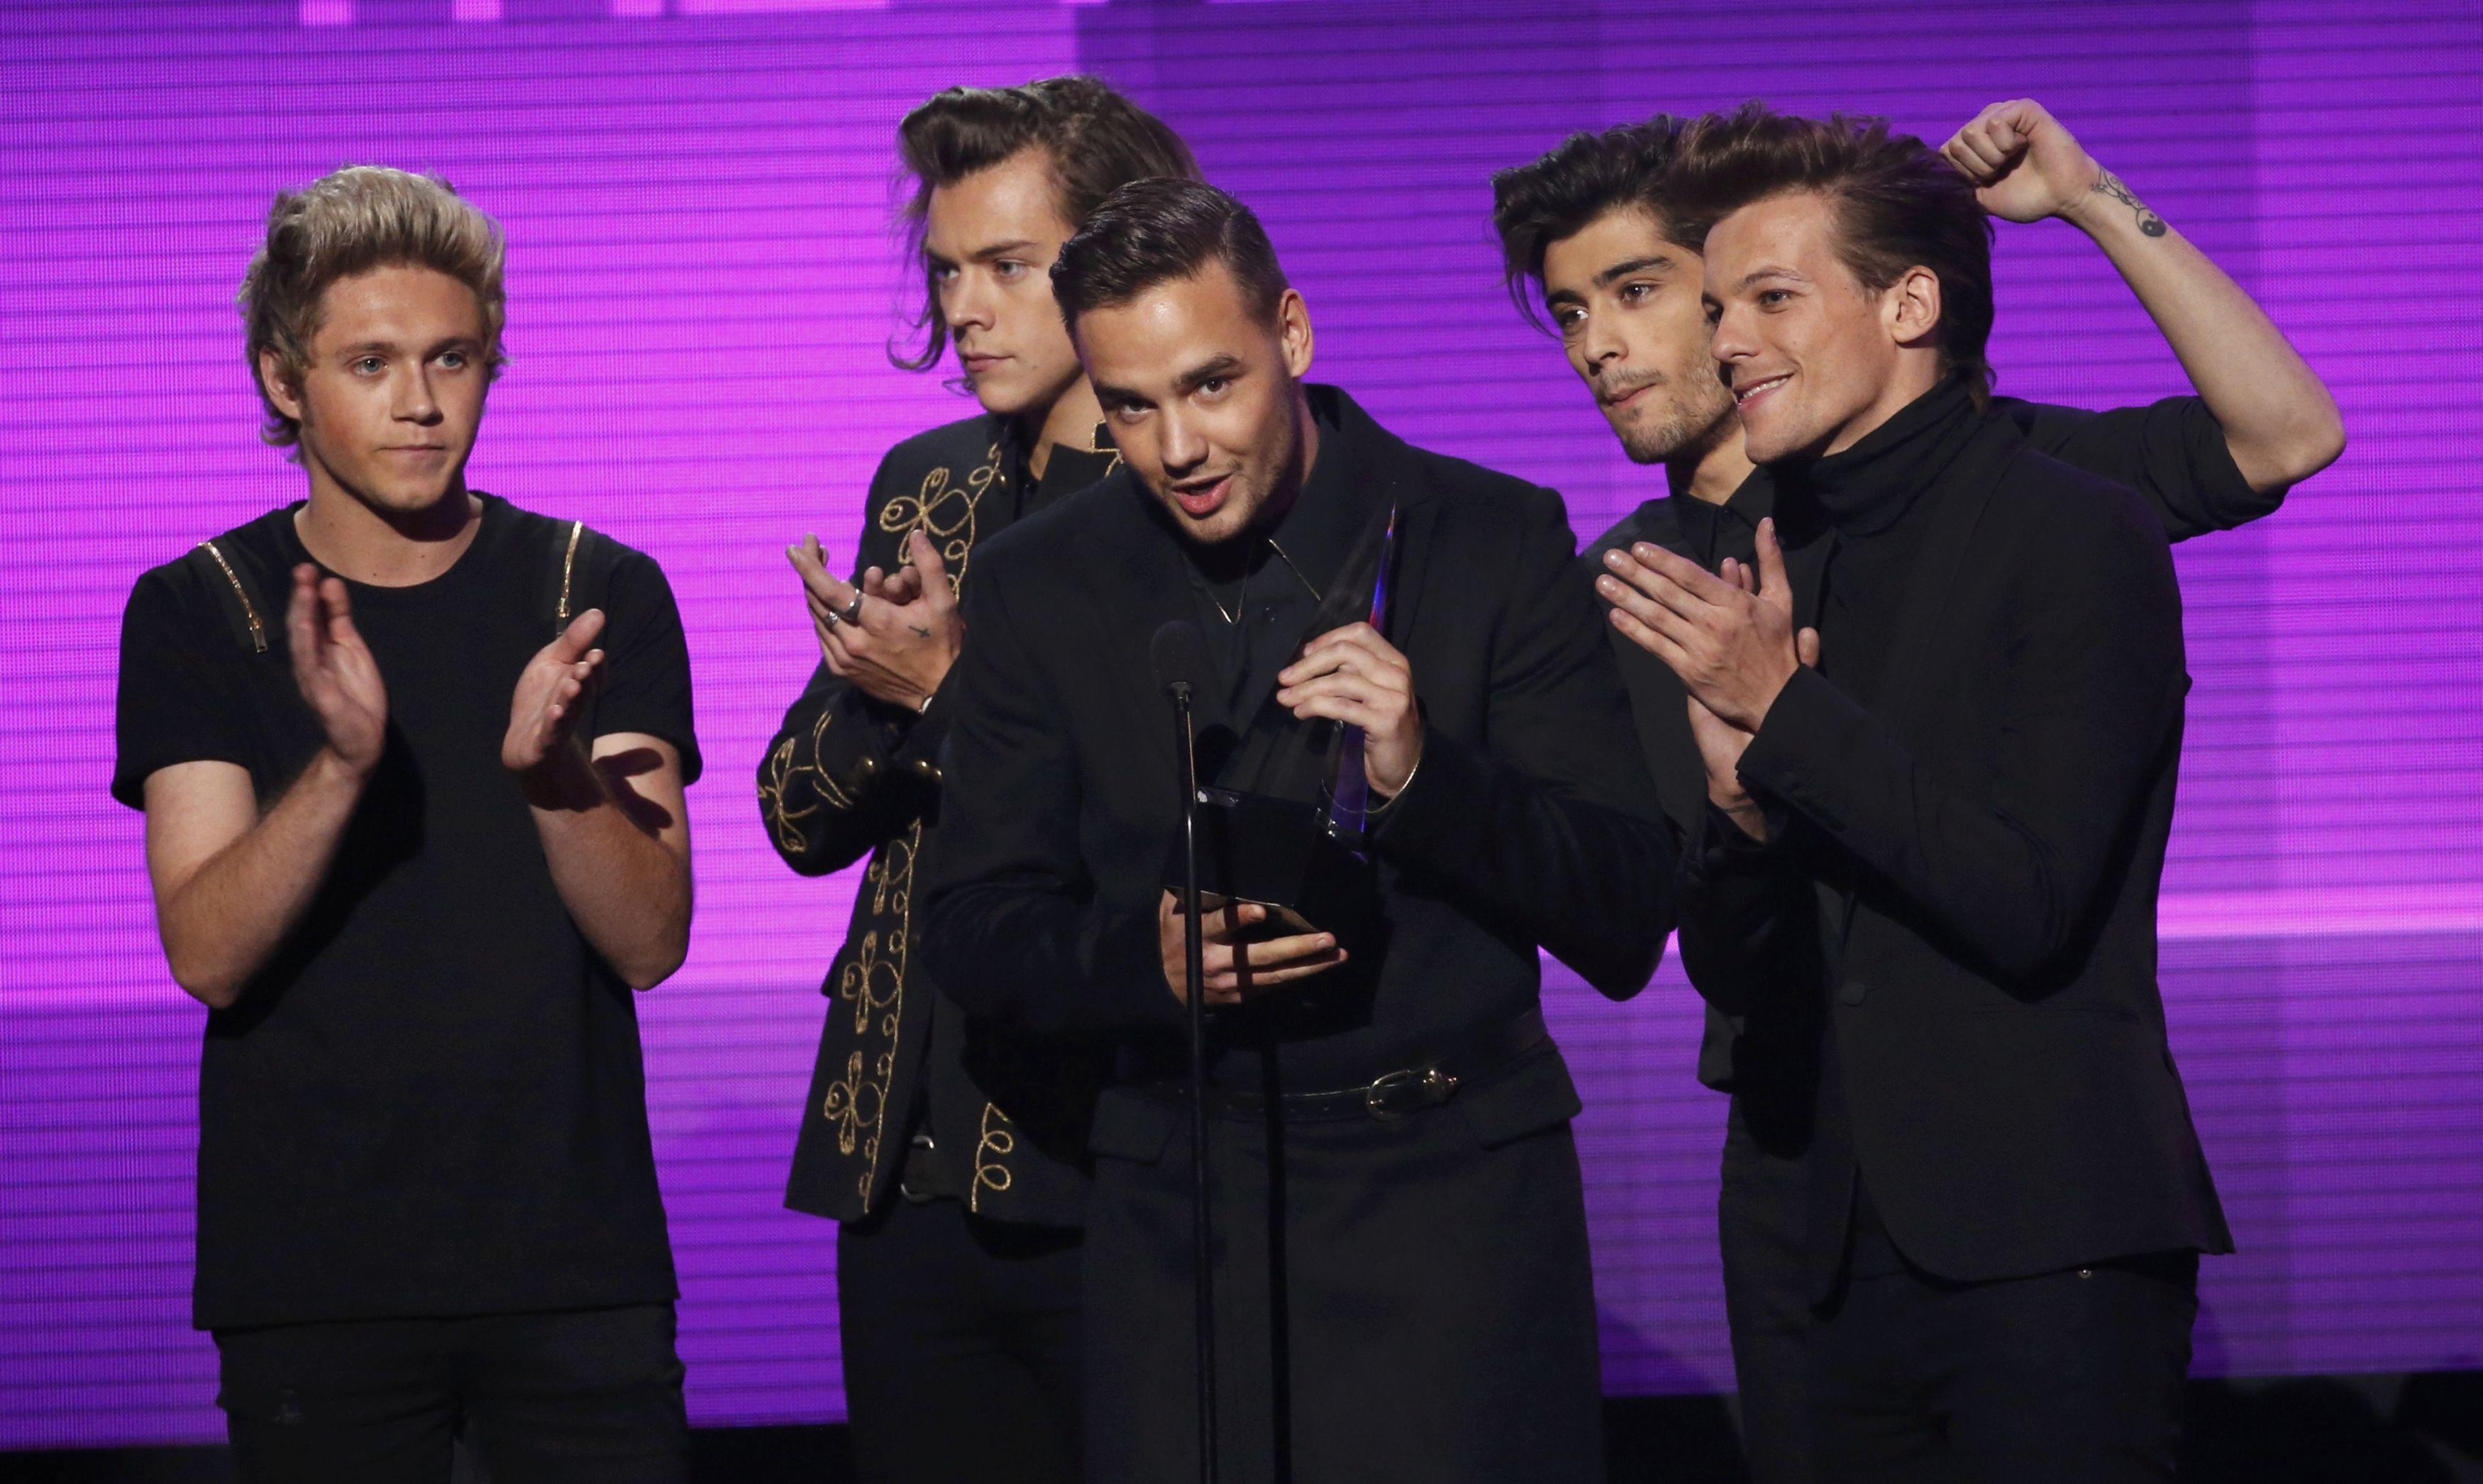 Los One Direction triunfaron en tres categorías: artista del año